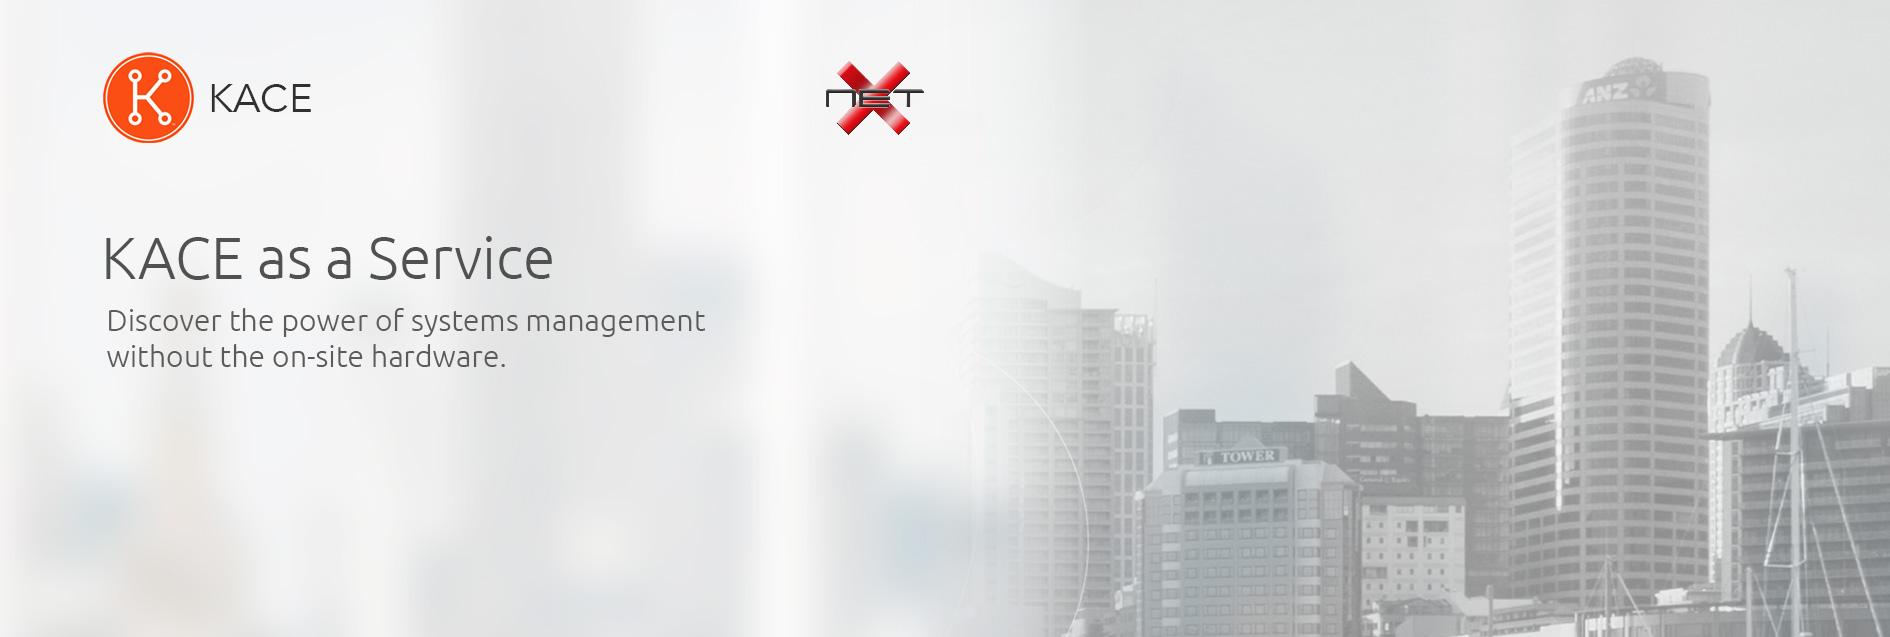 kace as a service by netx